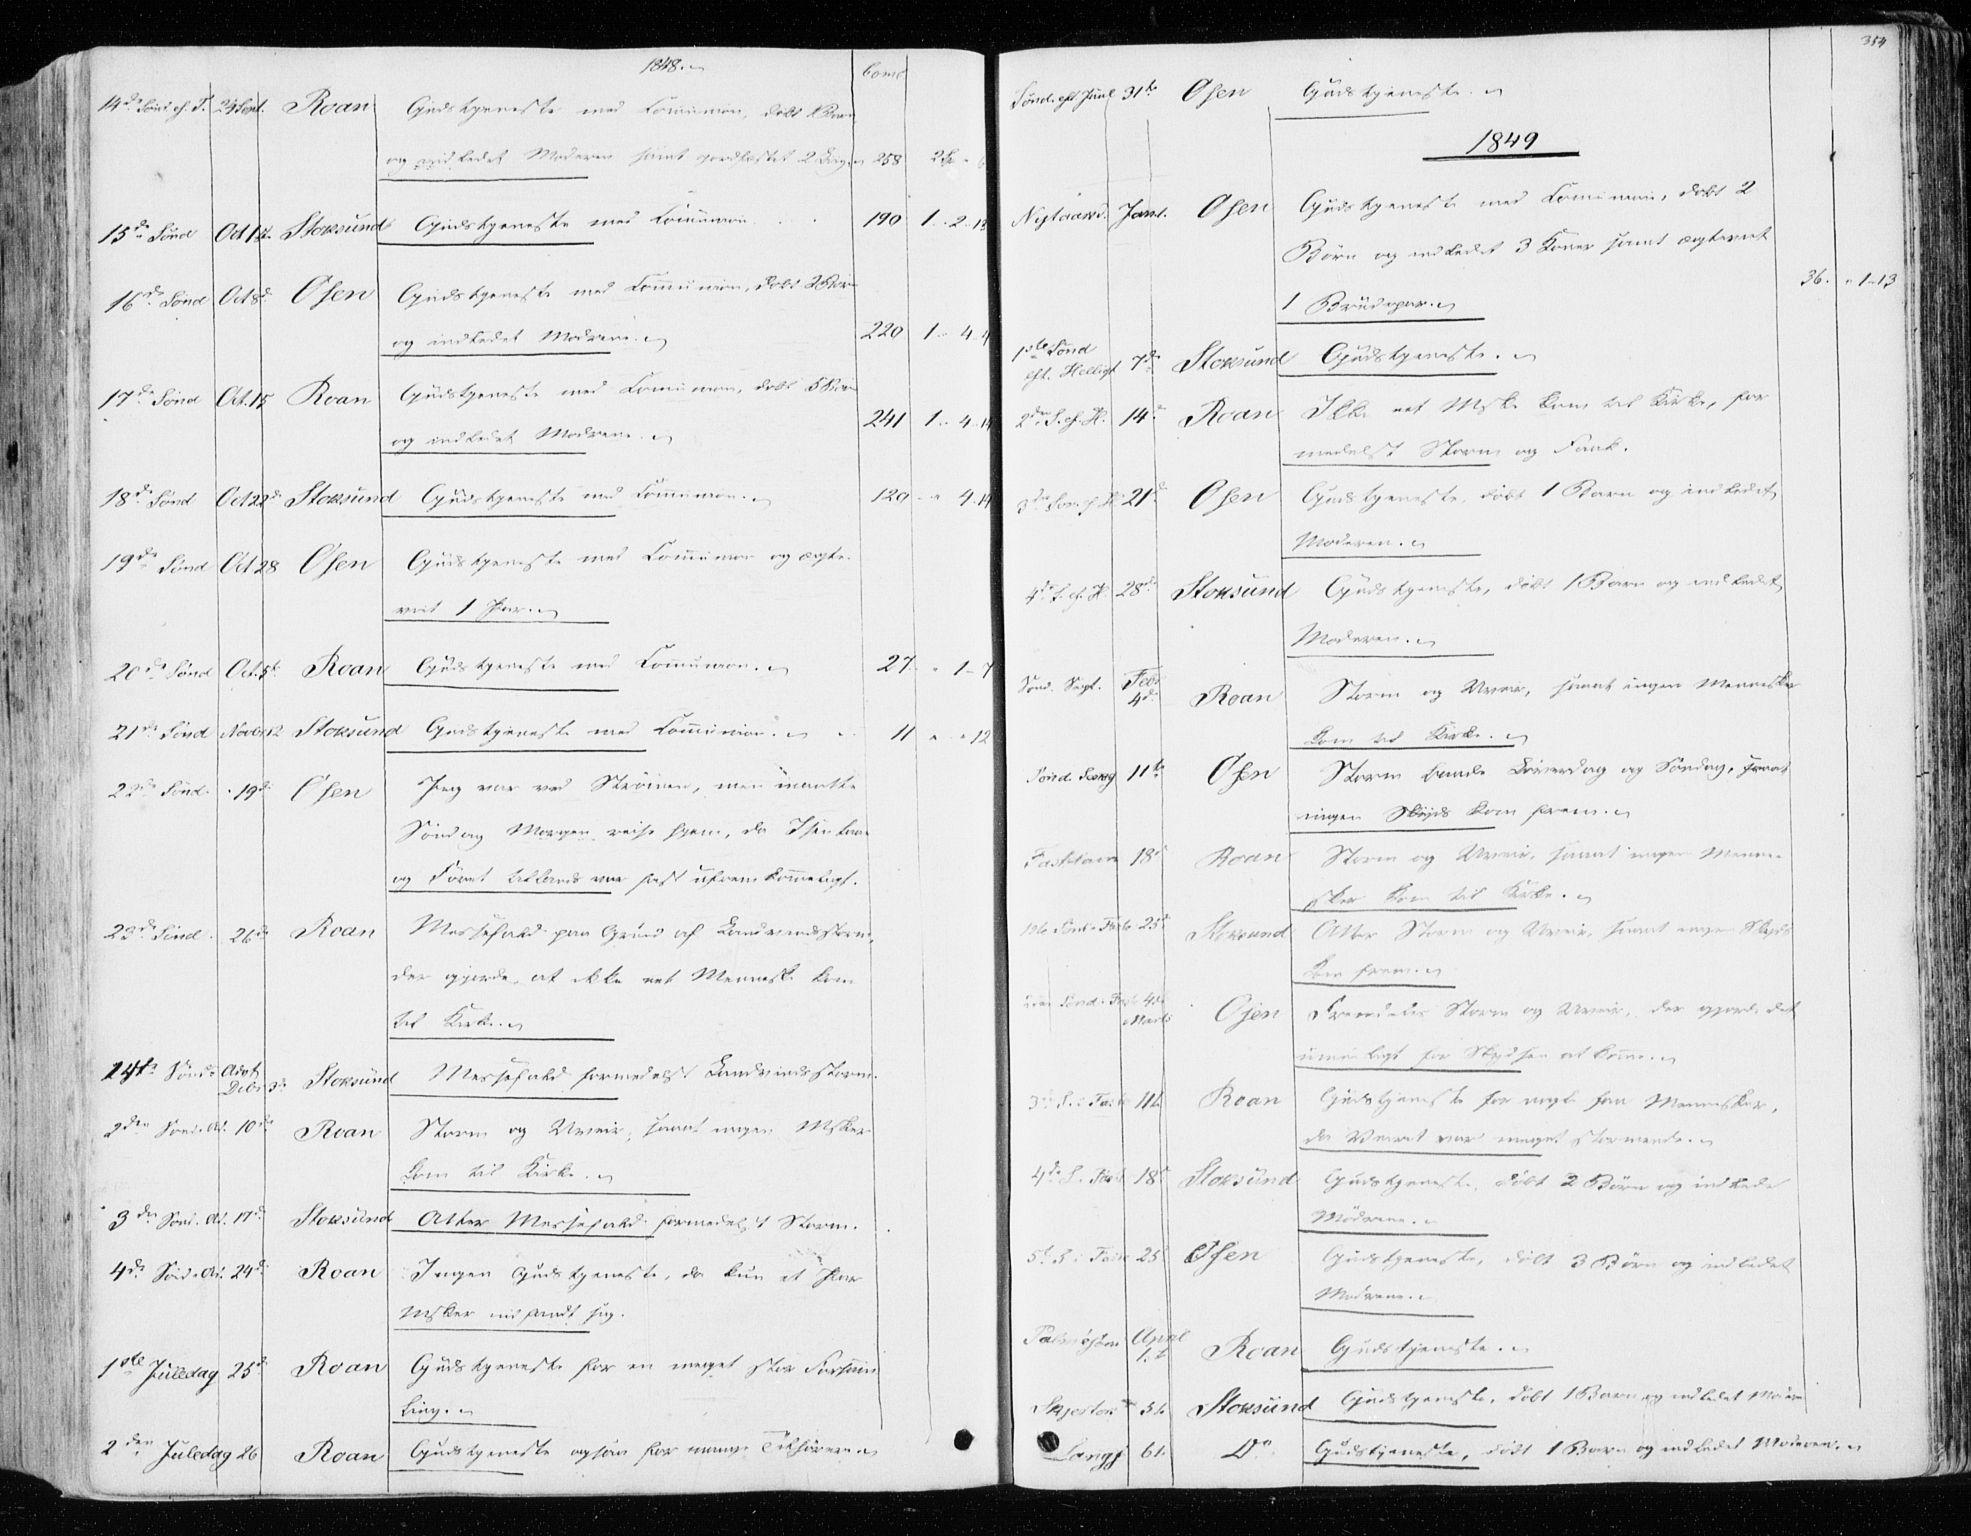 SAT, Ministerialprotokoller, klokkerbøker og fødselsregistre - Sør-Trøndelag, 657/L0704: Ministerialbok nr. 657A05, 1846-1857, s. 354